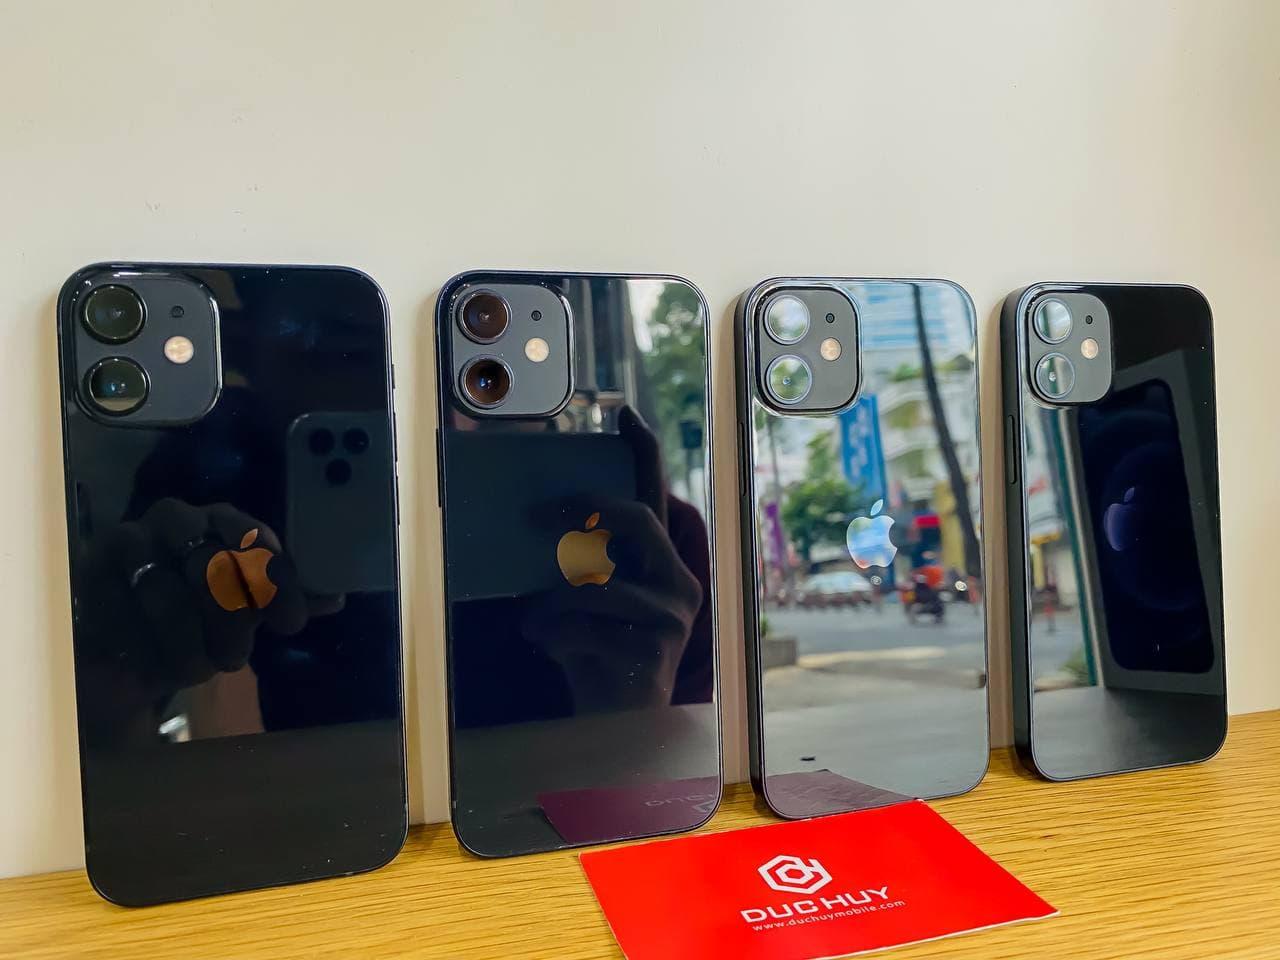 thiết kế iPhone 12 Mini